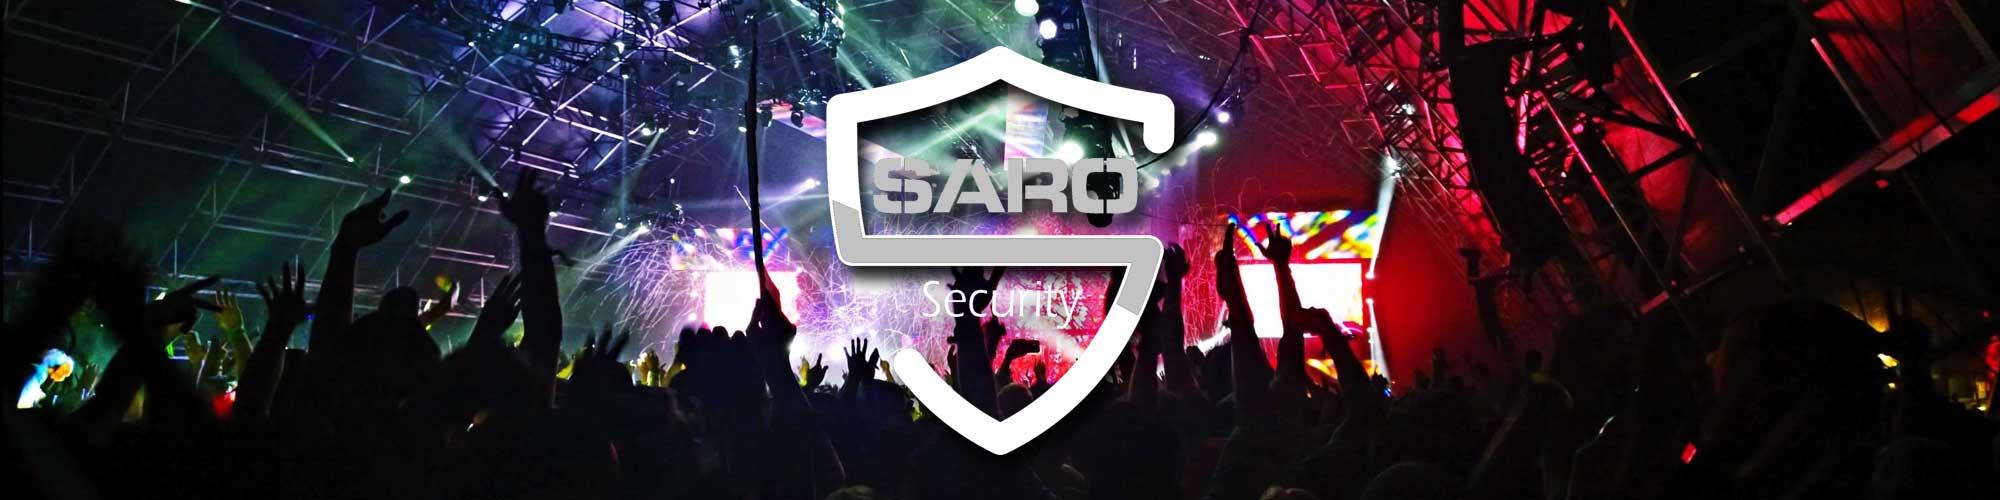 - Saro-Security Purmerend